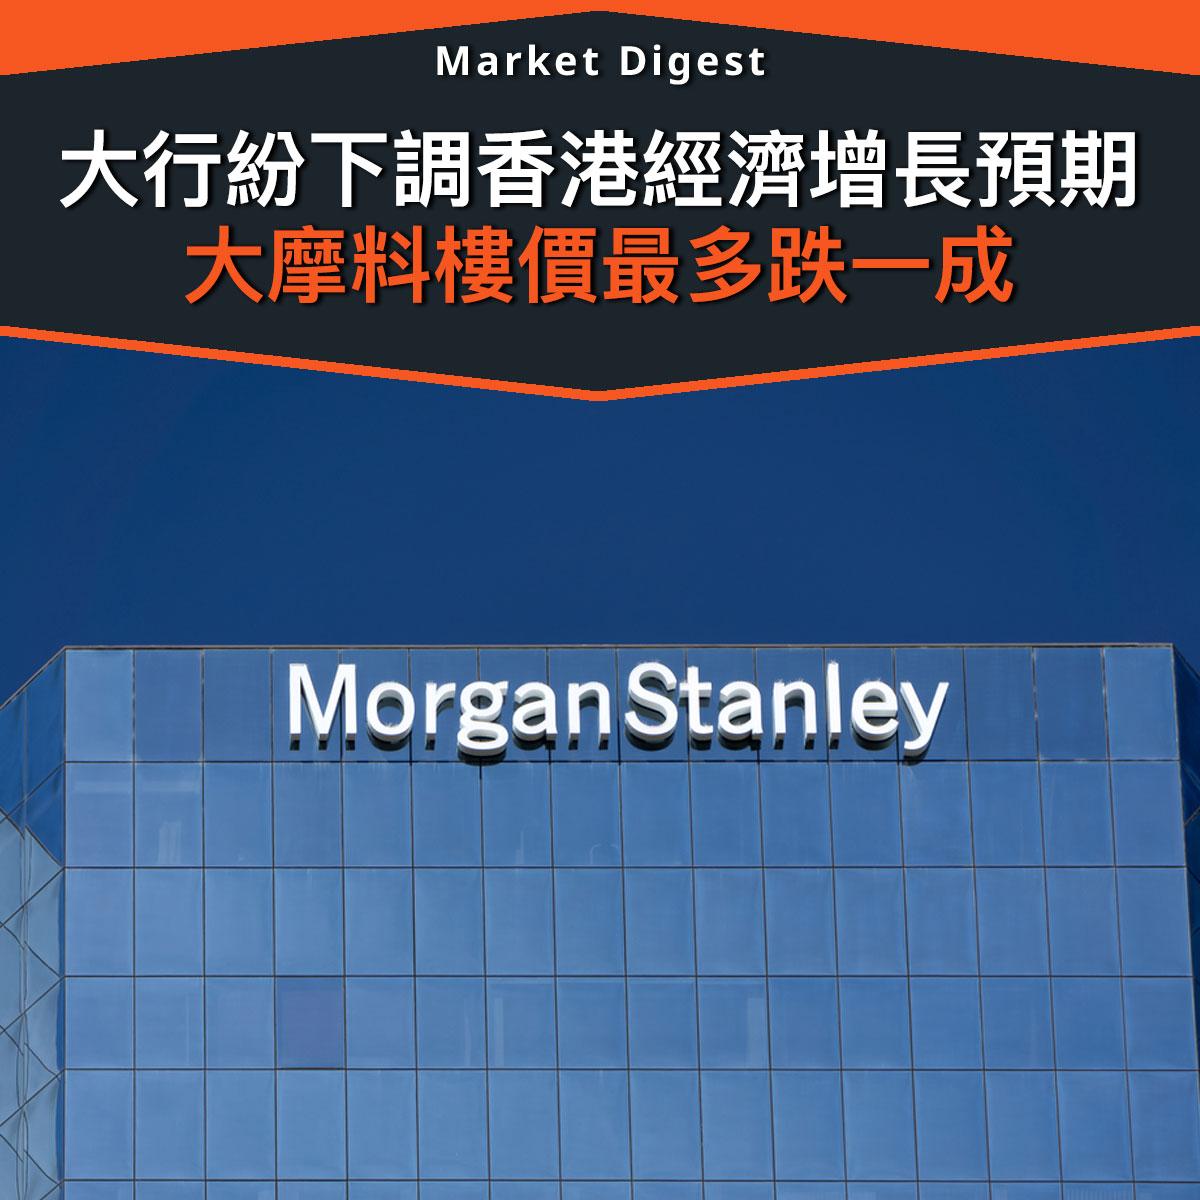 【大行預測】大行紛下調香港經濟增長預期,大摩料樓價最多跌一成